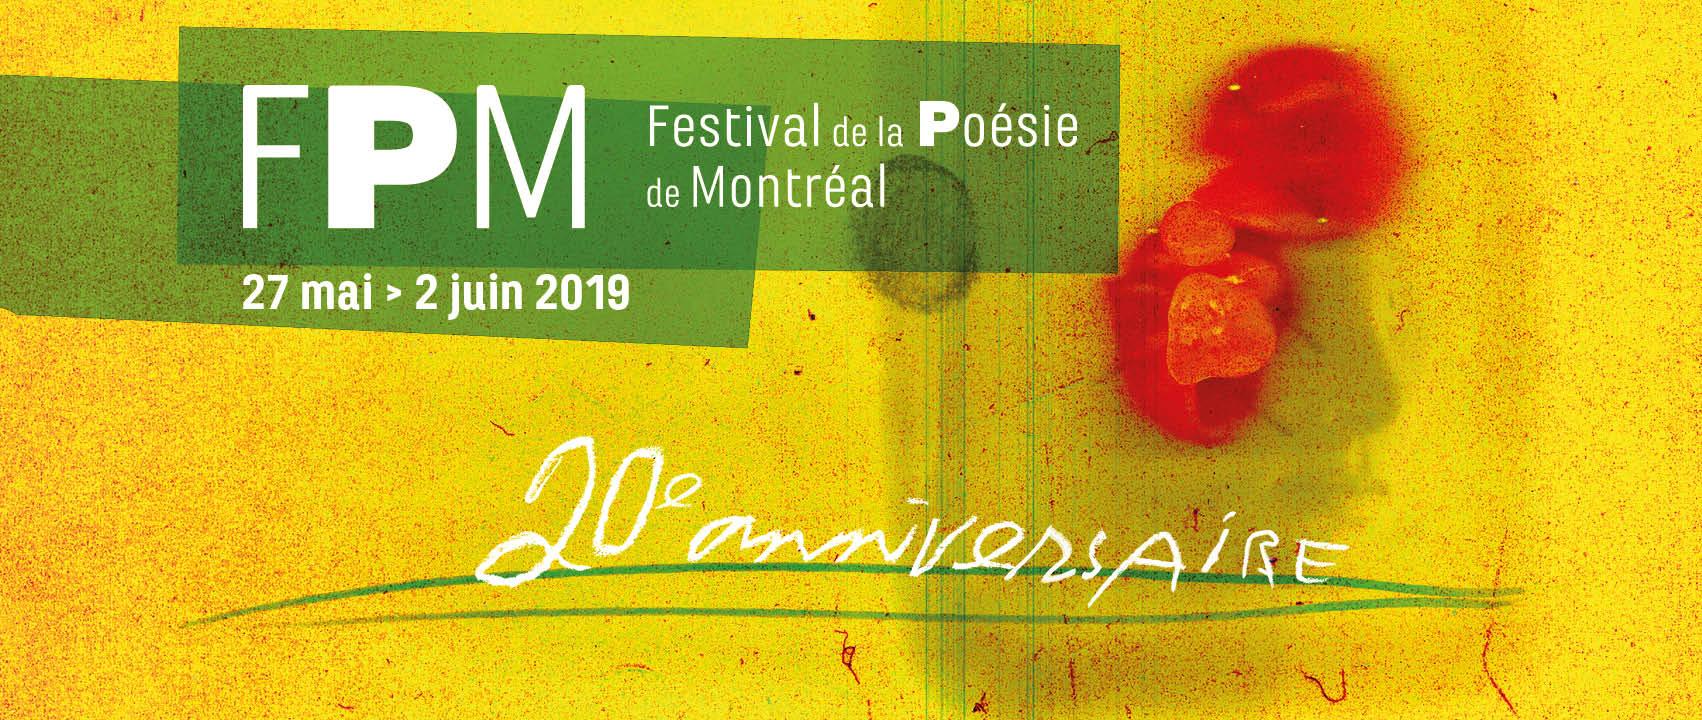 Les poètes au coeur de la création depuis 20 ans avec le FPM!